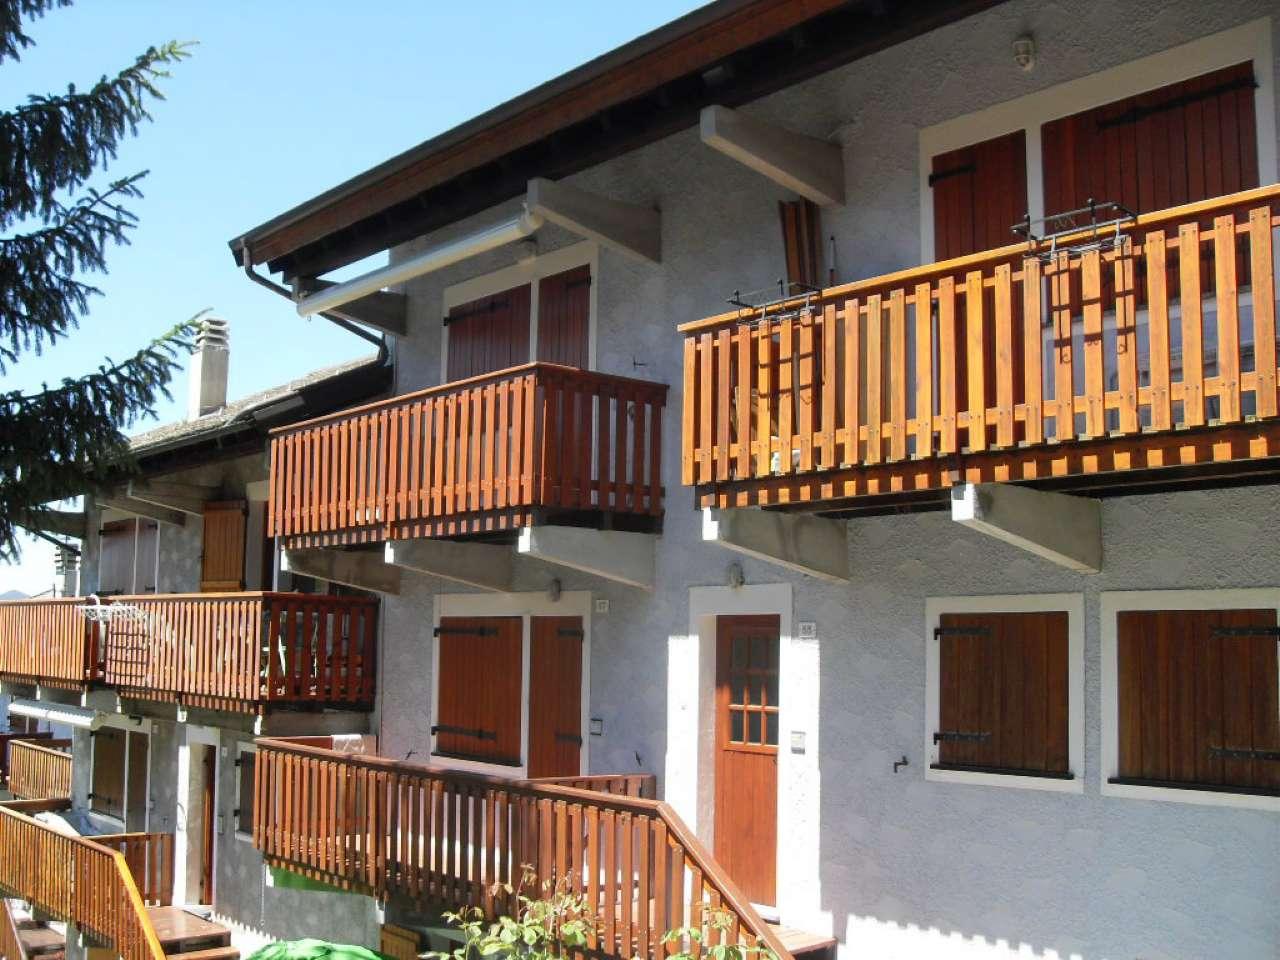 Appartamento in vendita a Santo Stefano d'Aveto, 3 locali, prezzo € 100.000 | Cambio Casa.it